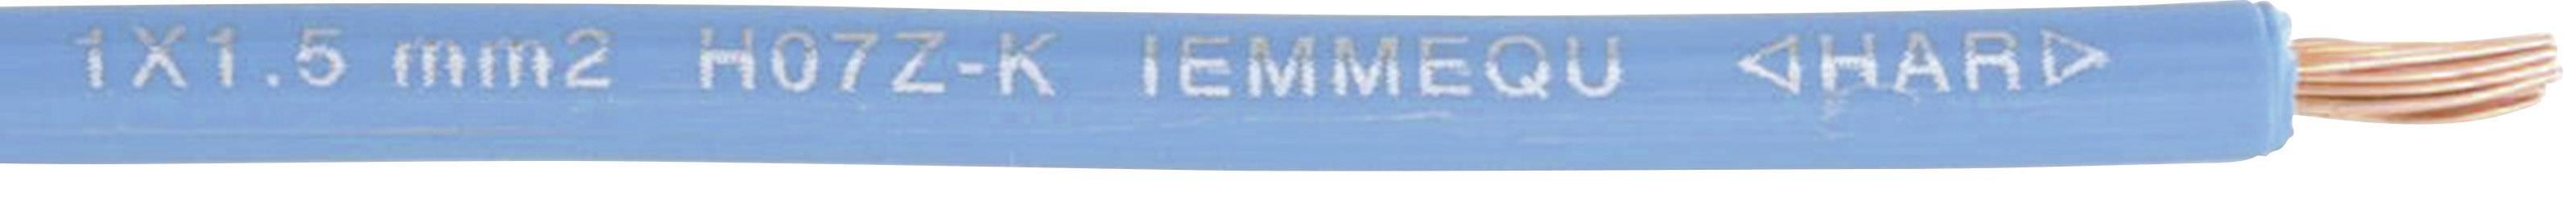 Opletenie / lanko Faber Kabel 040269 H07Z-K, 1 x 2.50 mm², vonkajší Ø 3.80 mm, 100 m, zelenožltá